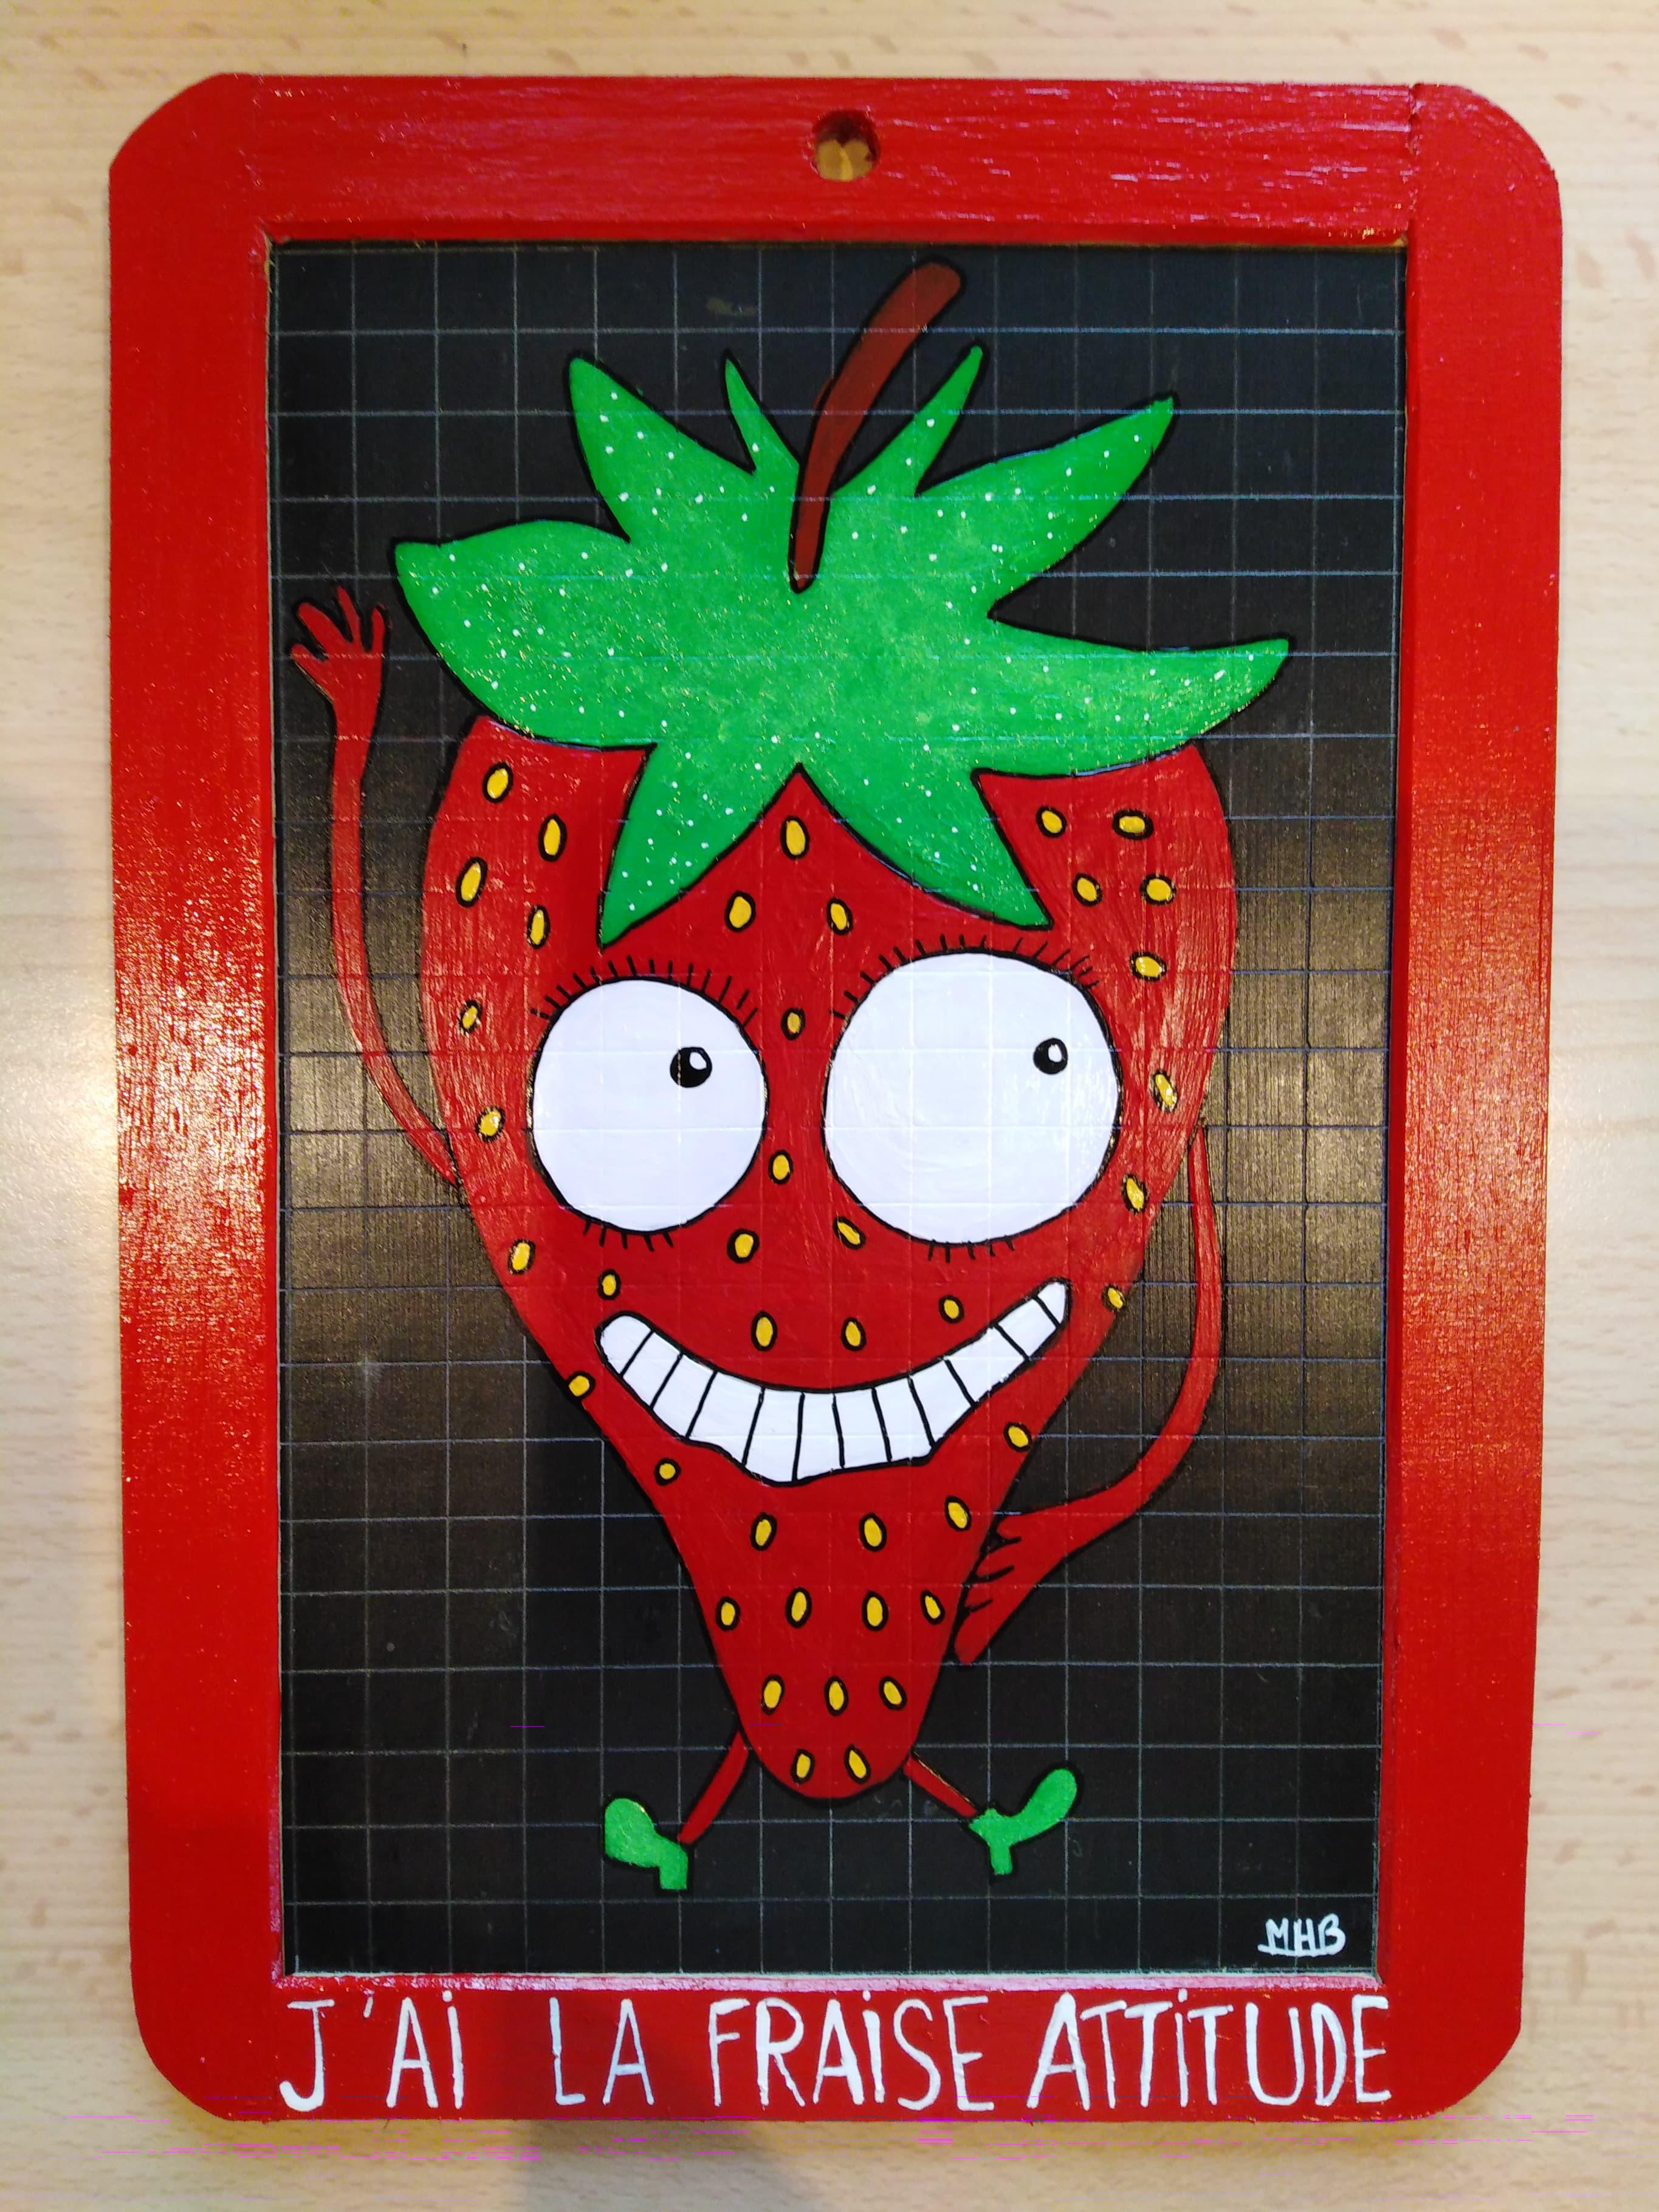 fraise attitude